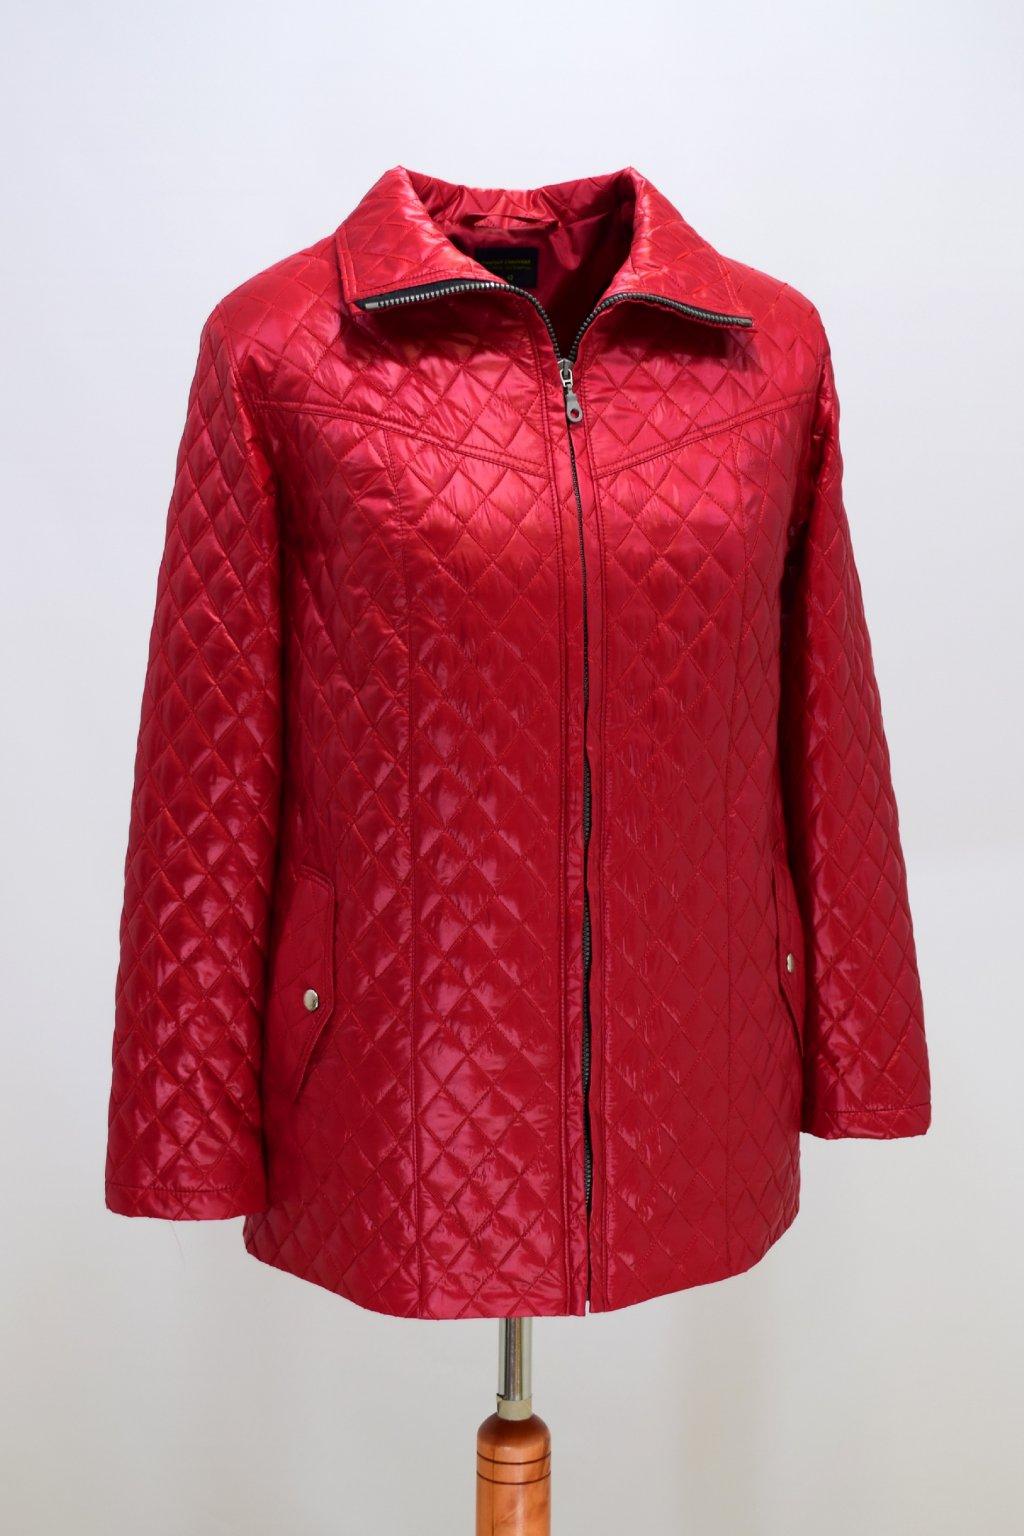 Dámská červená přechodová bunda Ilona nadměrné velikosti.